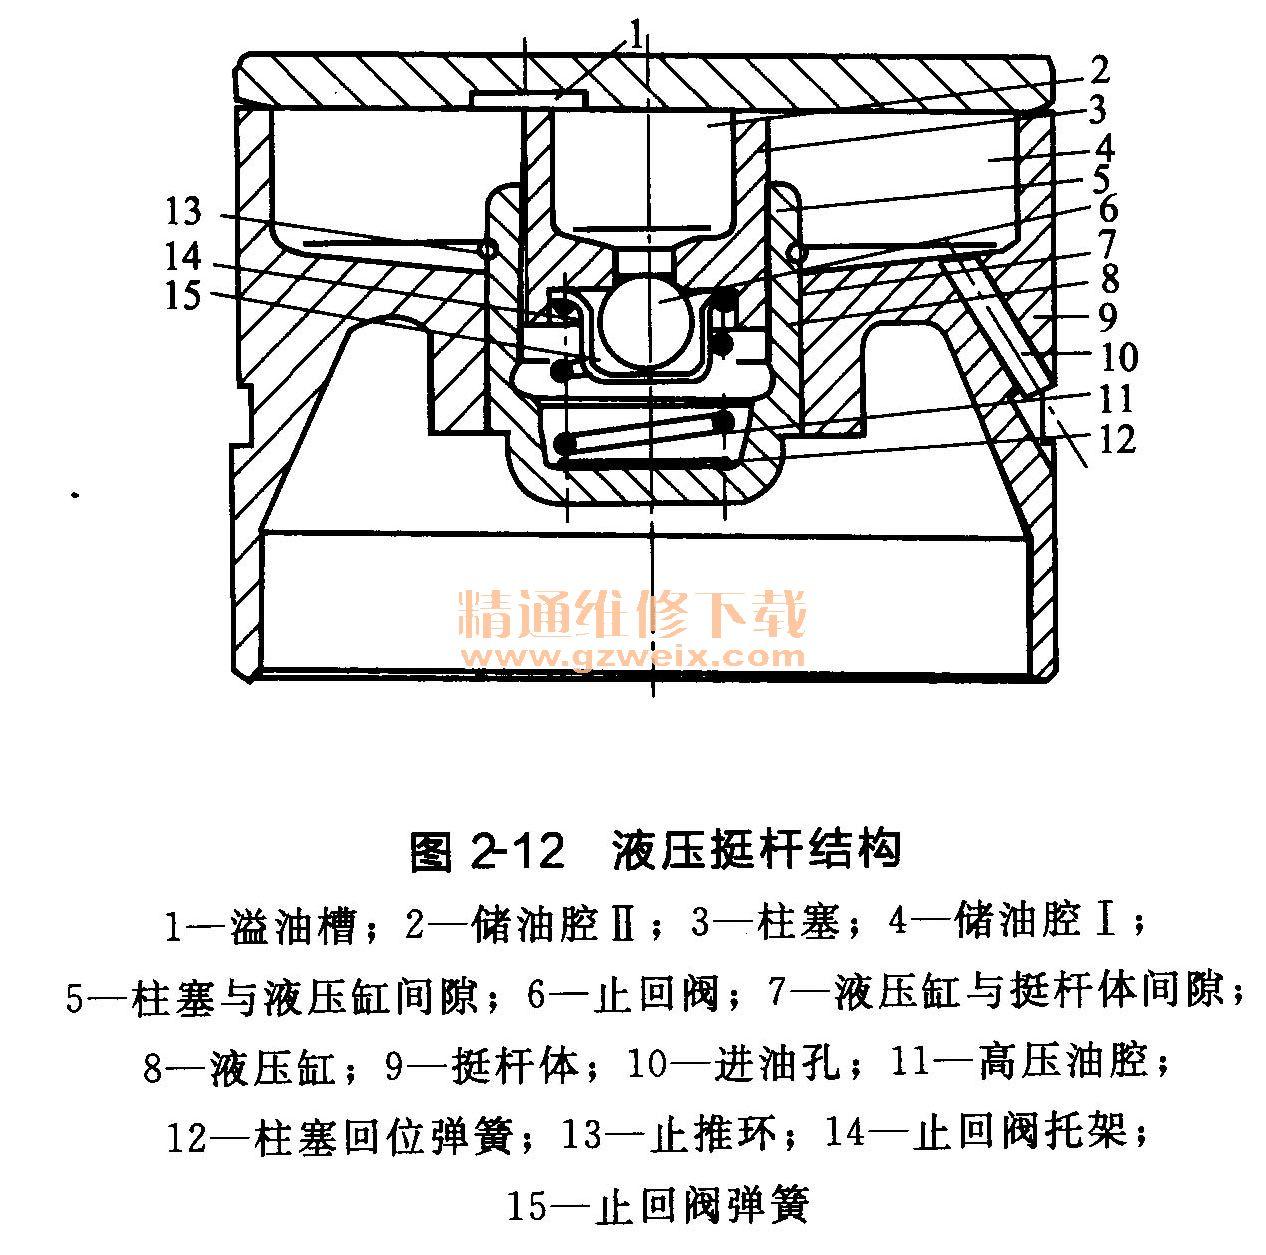 第2节 发动机的维护 2.1正时齿带与v带的调整 2.1.1发动机正时齿带及v带的拆卸 正时齿带及V带的拆卸如图2-1所示进行,具体步骤如下。  旋松发电机支承臂的紧固螺栓,拆下发动机上的水泵V带。 拆下水泵V带轮,拆下曲轴带轮。两种带轮的紧固螺栓的拧紧力矩为20N·m。 拆下正时齿带上护罩,再拆下正时齿带下护罩。 旋松正时齿带张紧轮紧固螺栓,转动张紧轮的偏心轴,使正时齿带松弛,取下正时齿带。 拆下曲轴正时齿带轮,拆下中间轴正时齿带轮。 拆下正时齿带后护罩。 2.